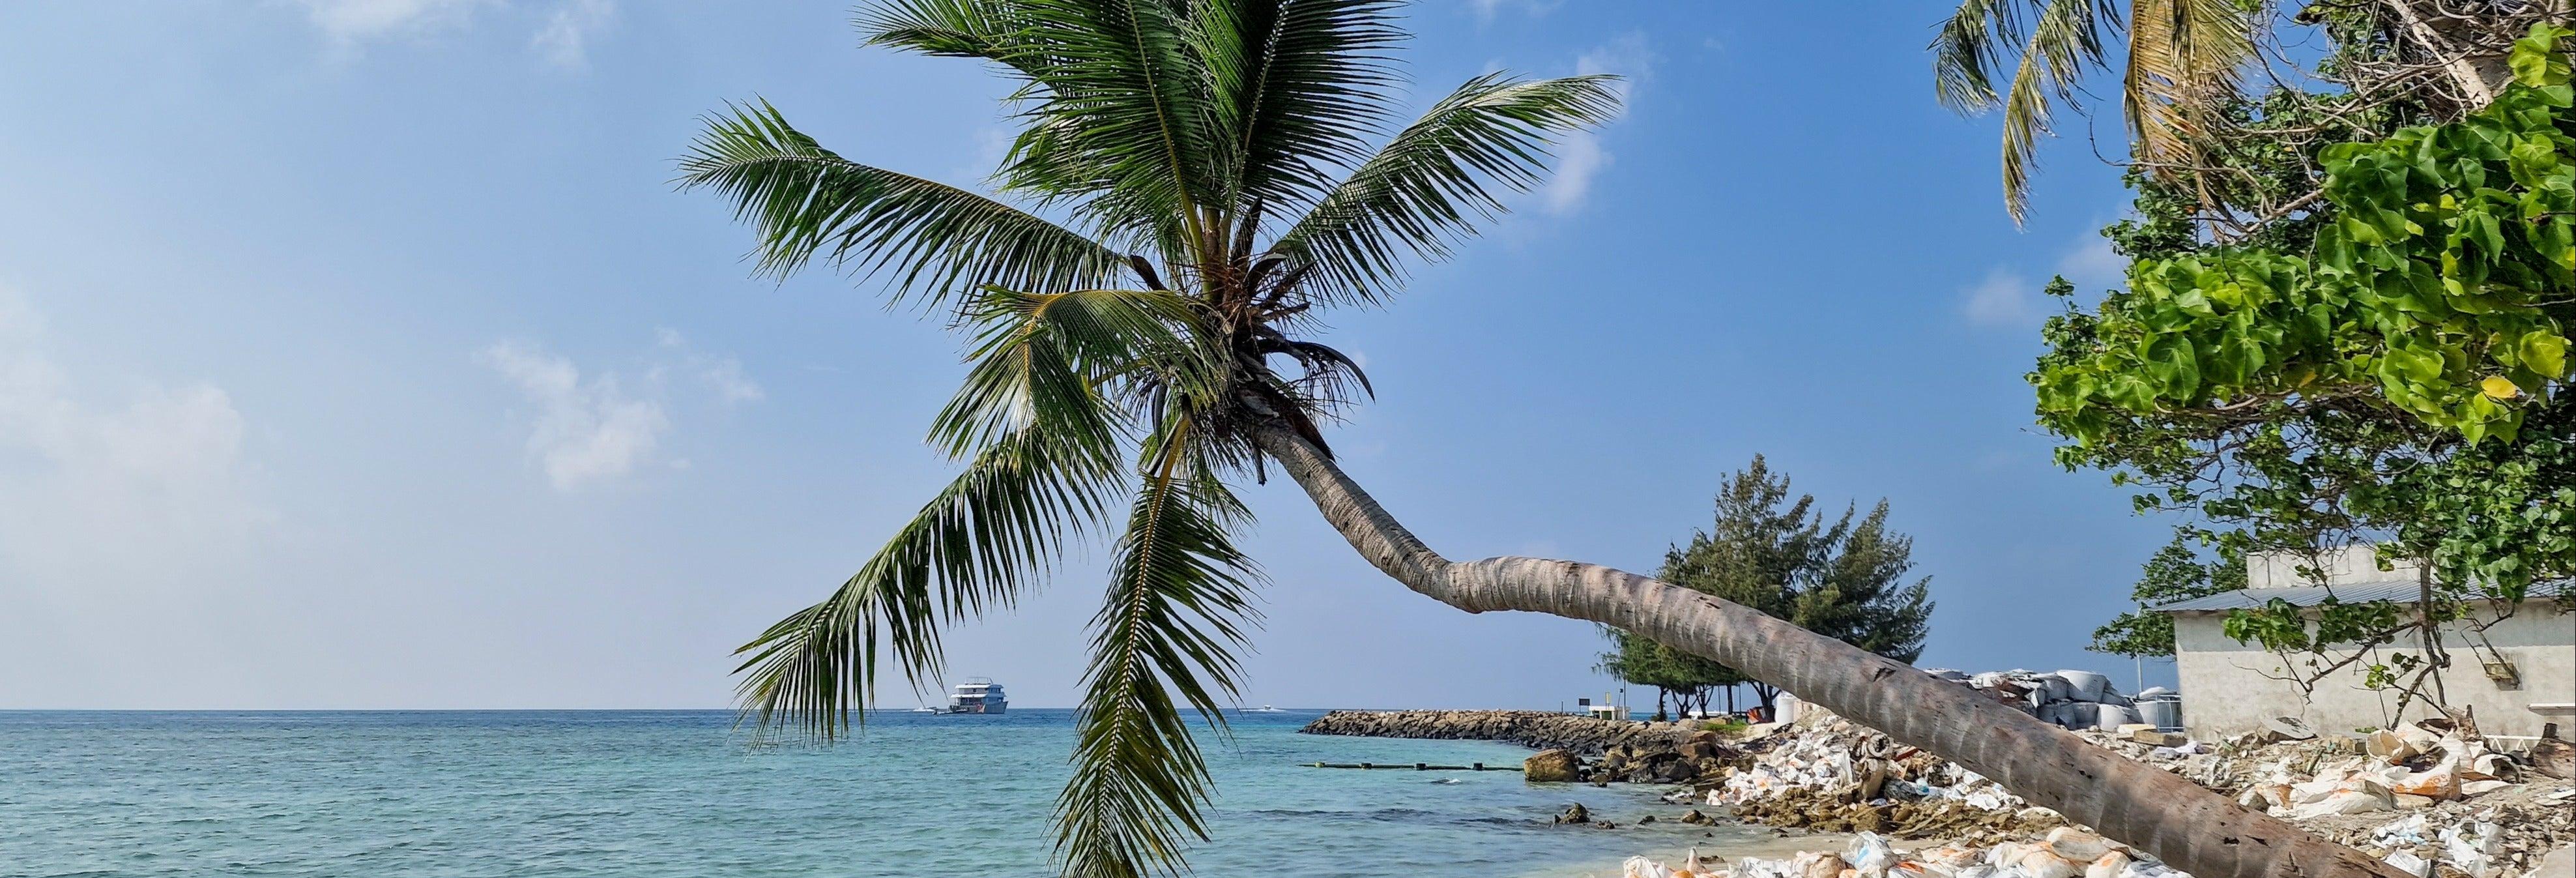 Excursión a las islas de Gulhi y Maafushi